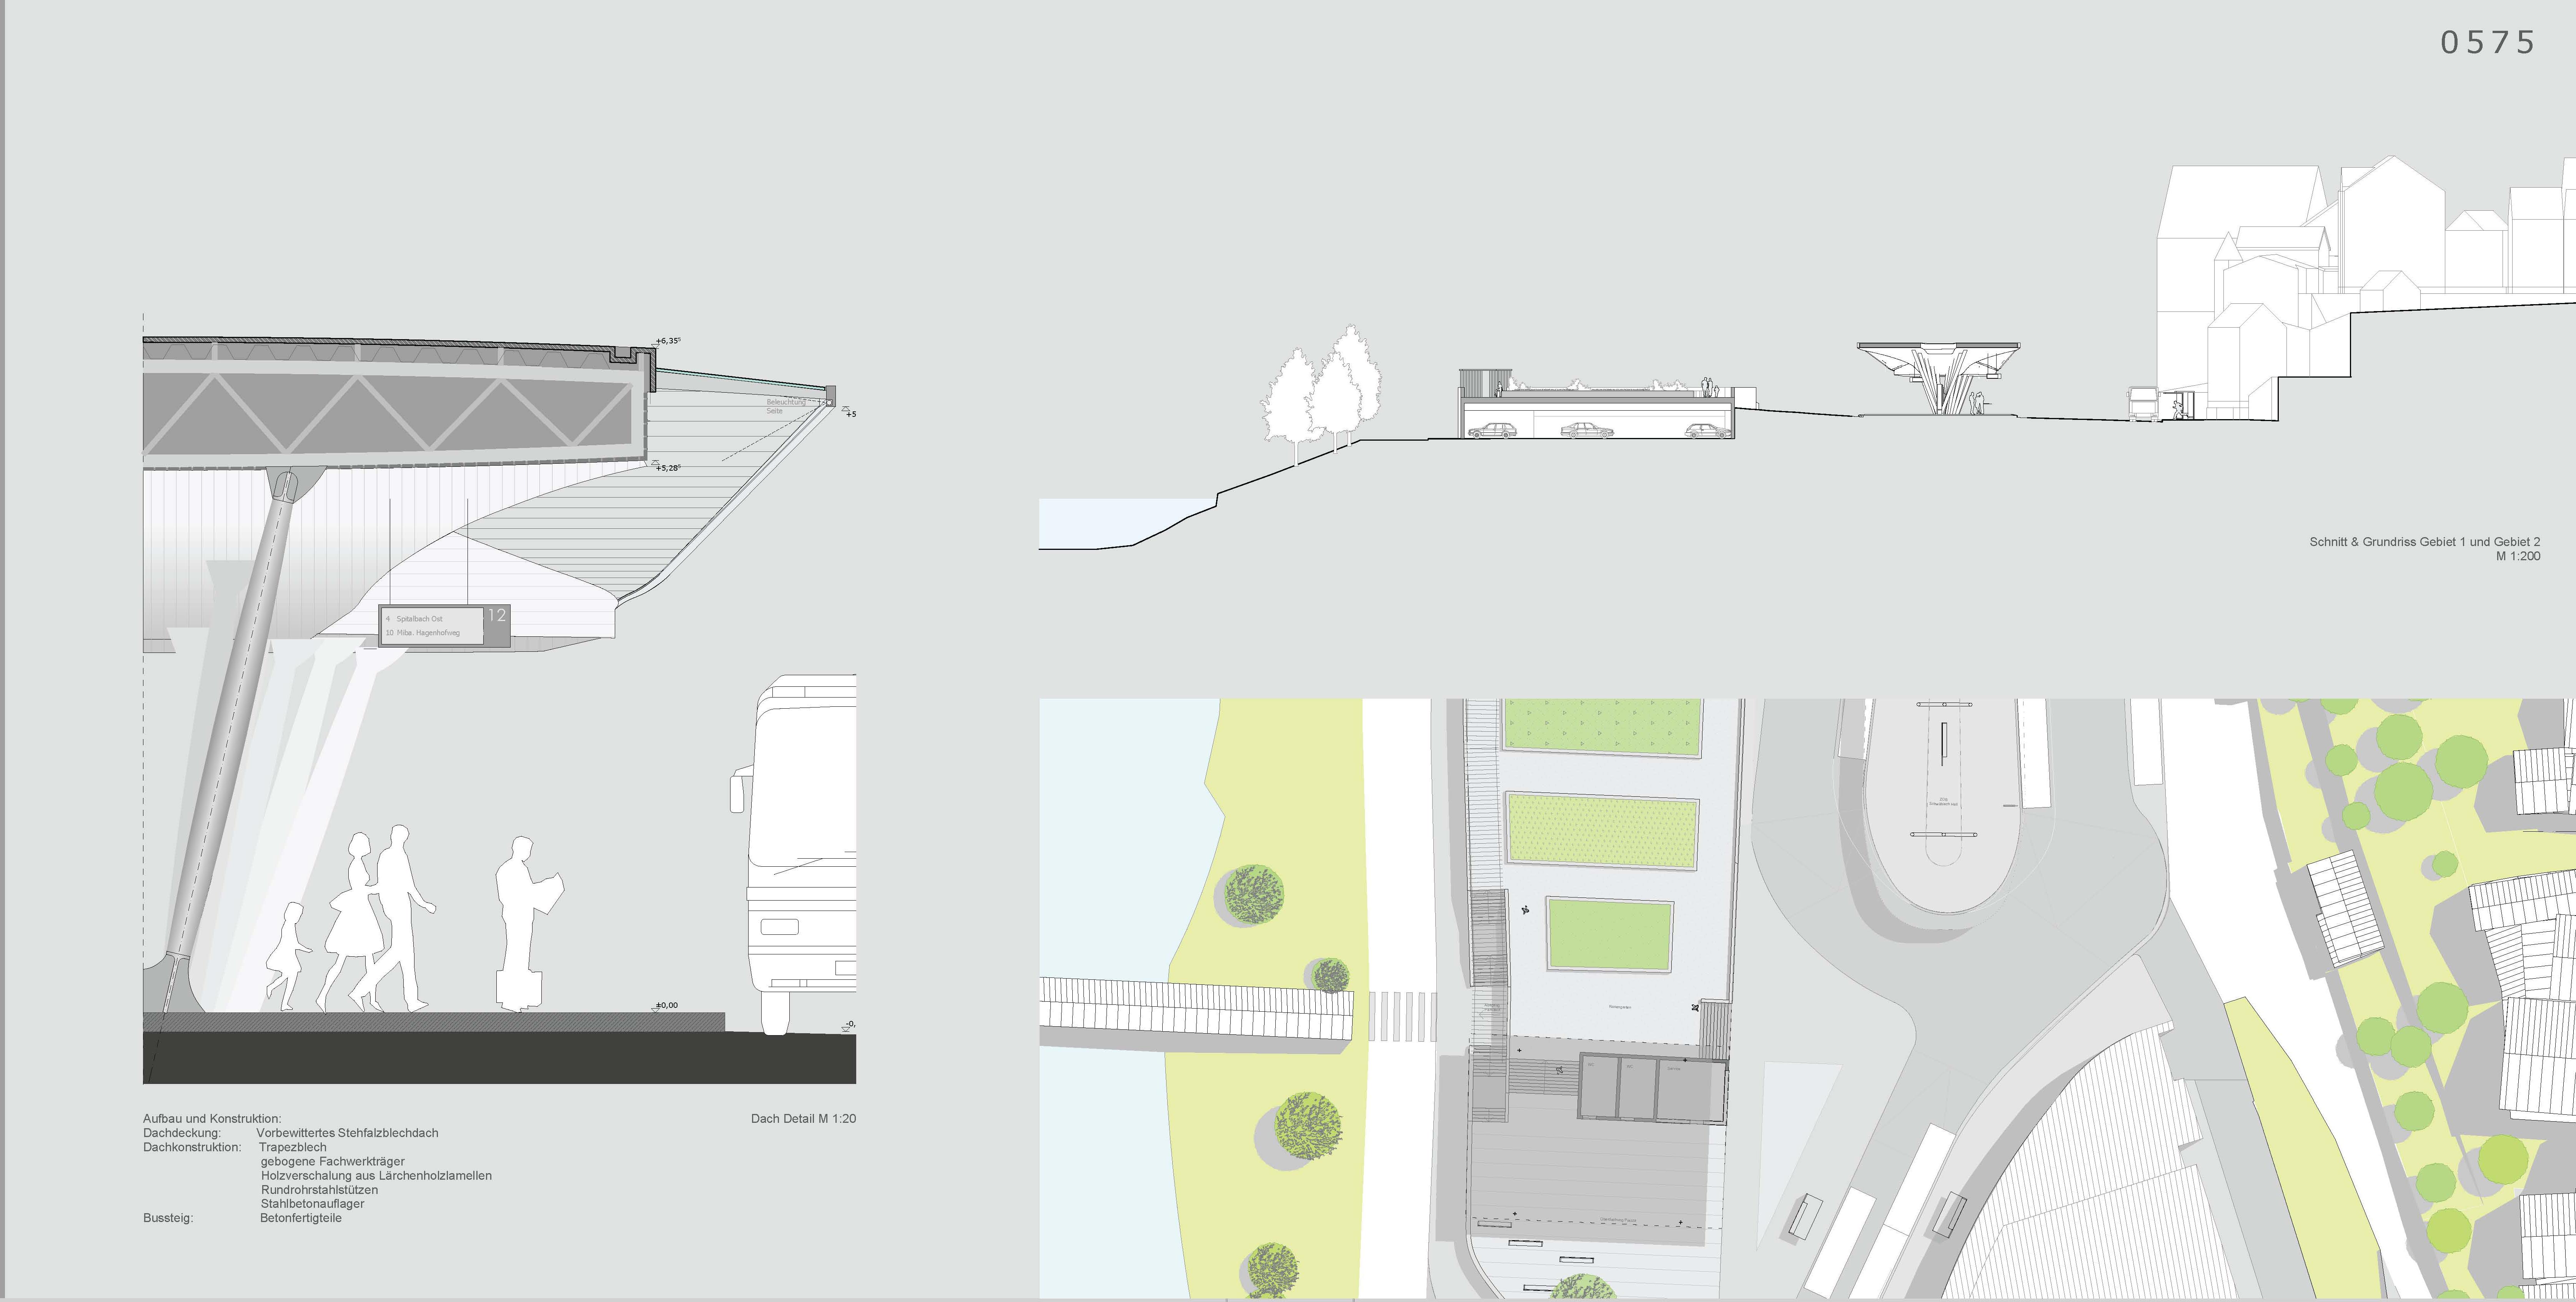 Lageplan, Fassadenschnitt, Zentraler Omnibusbahnhof, Schwäbisch Hall